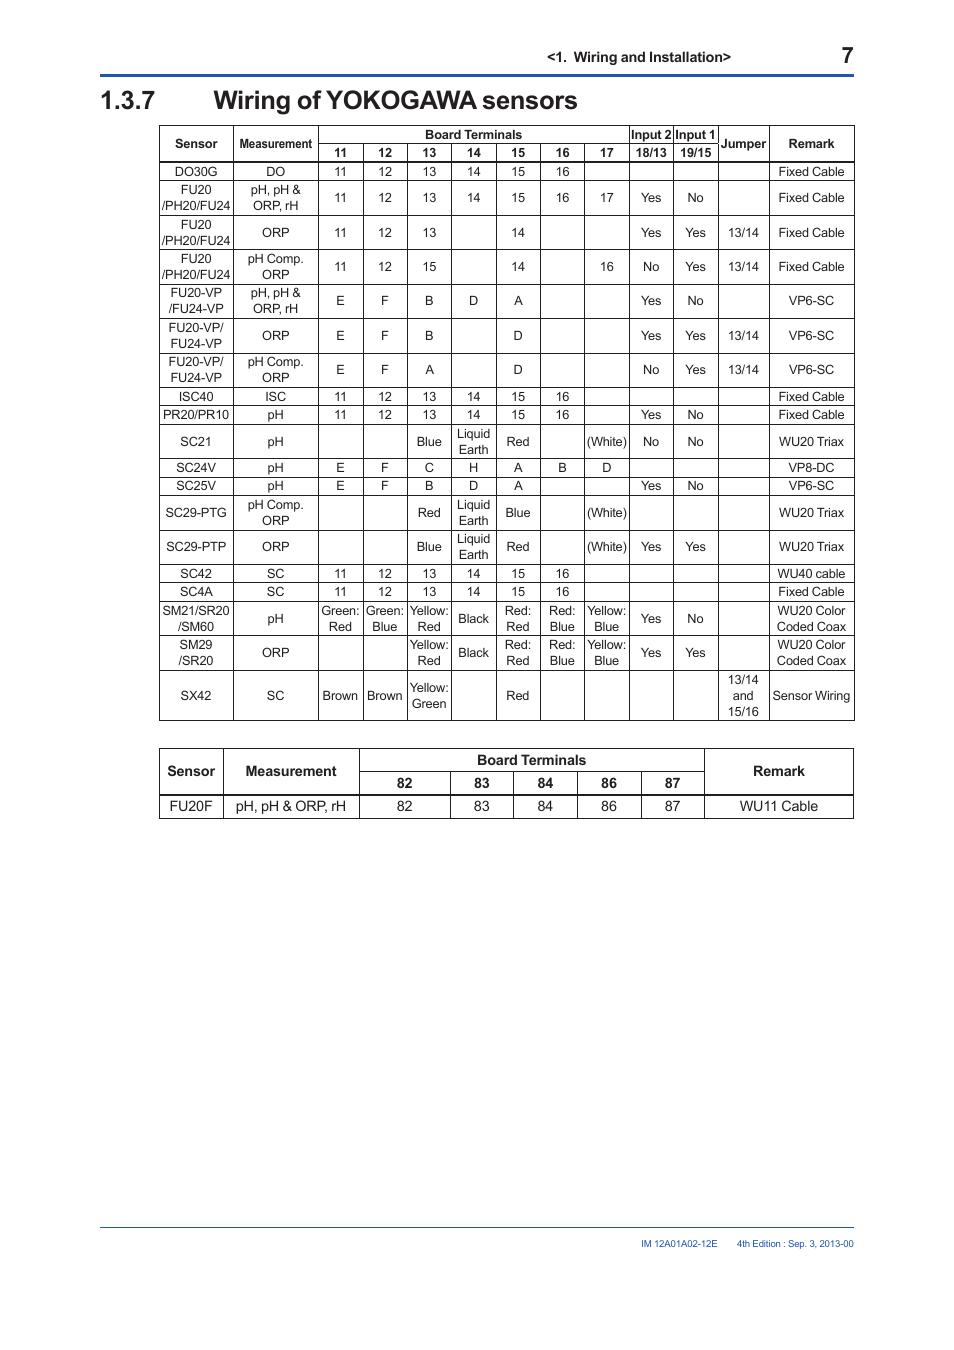 7 wiring of yokogawa sensors, Wiring of yokogawa sensors